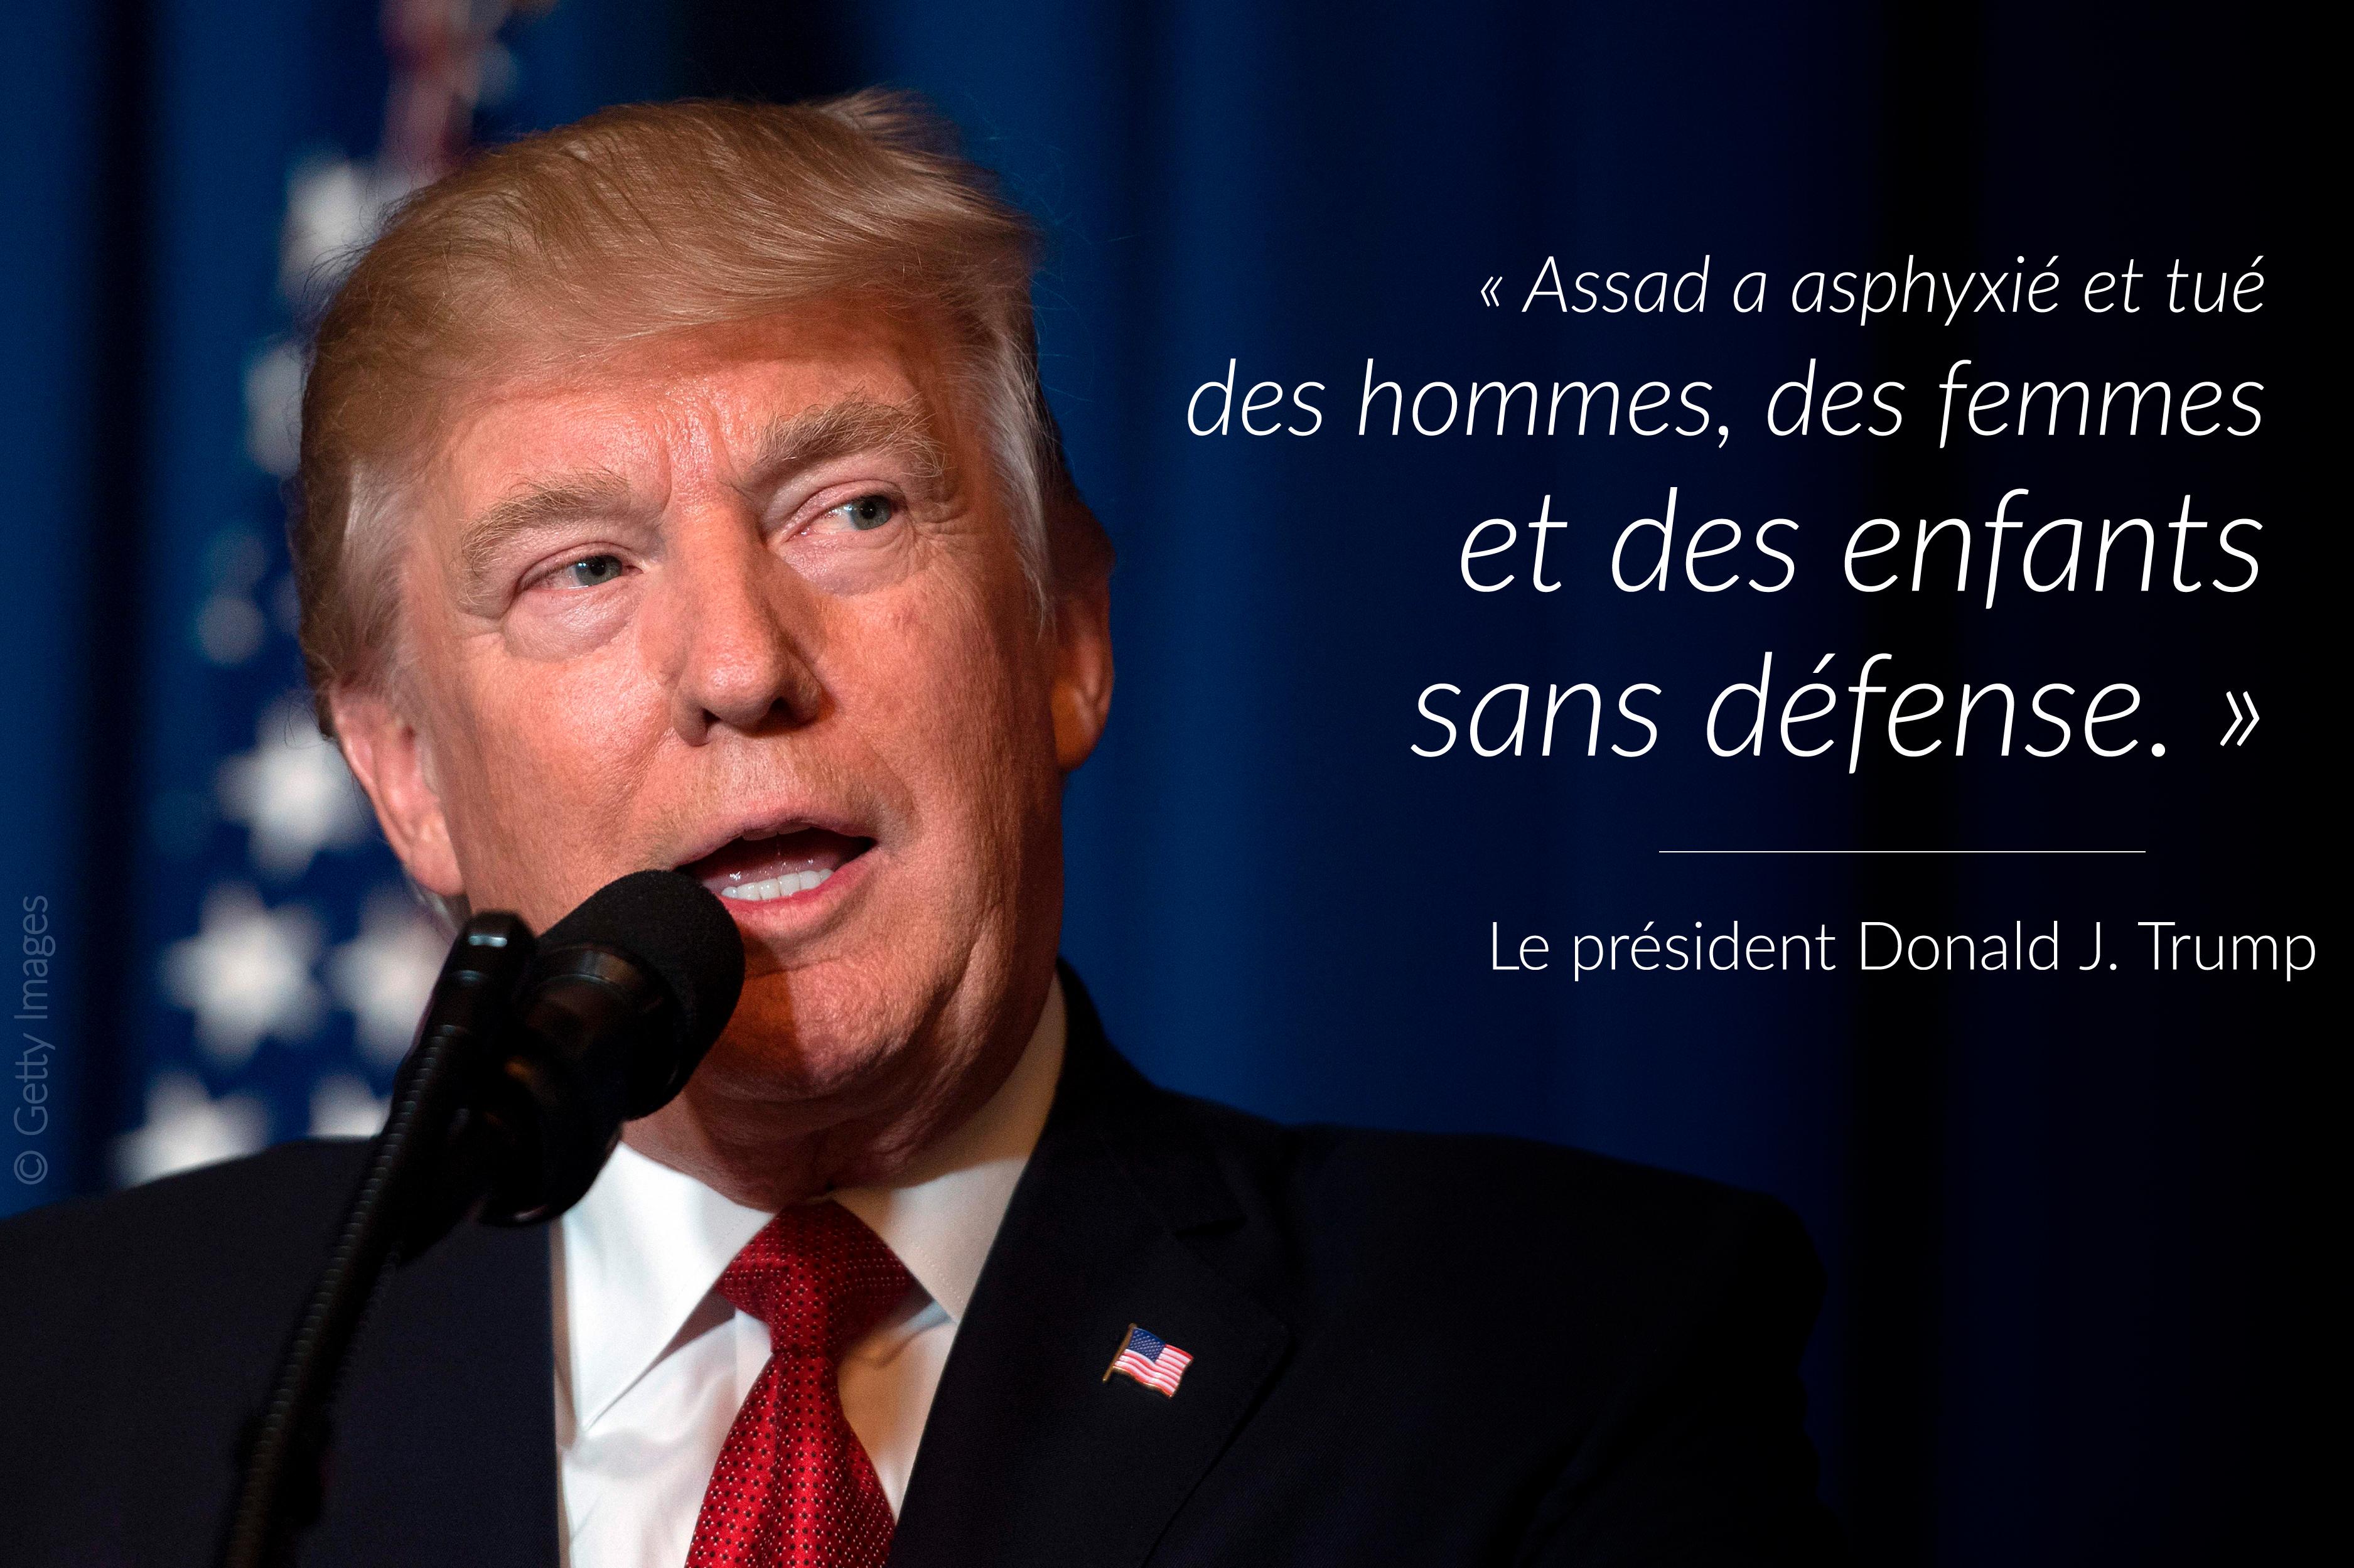 Le président Trump en train de parler, avec du texte écrit à sa droite, sur la photo (© Getty Images)